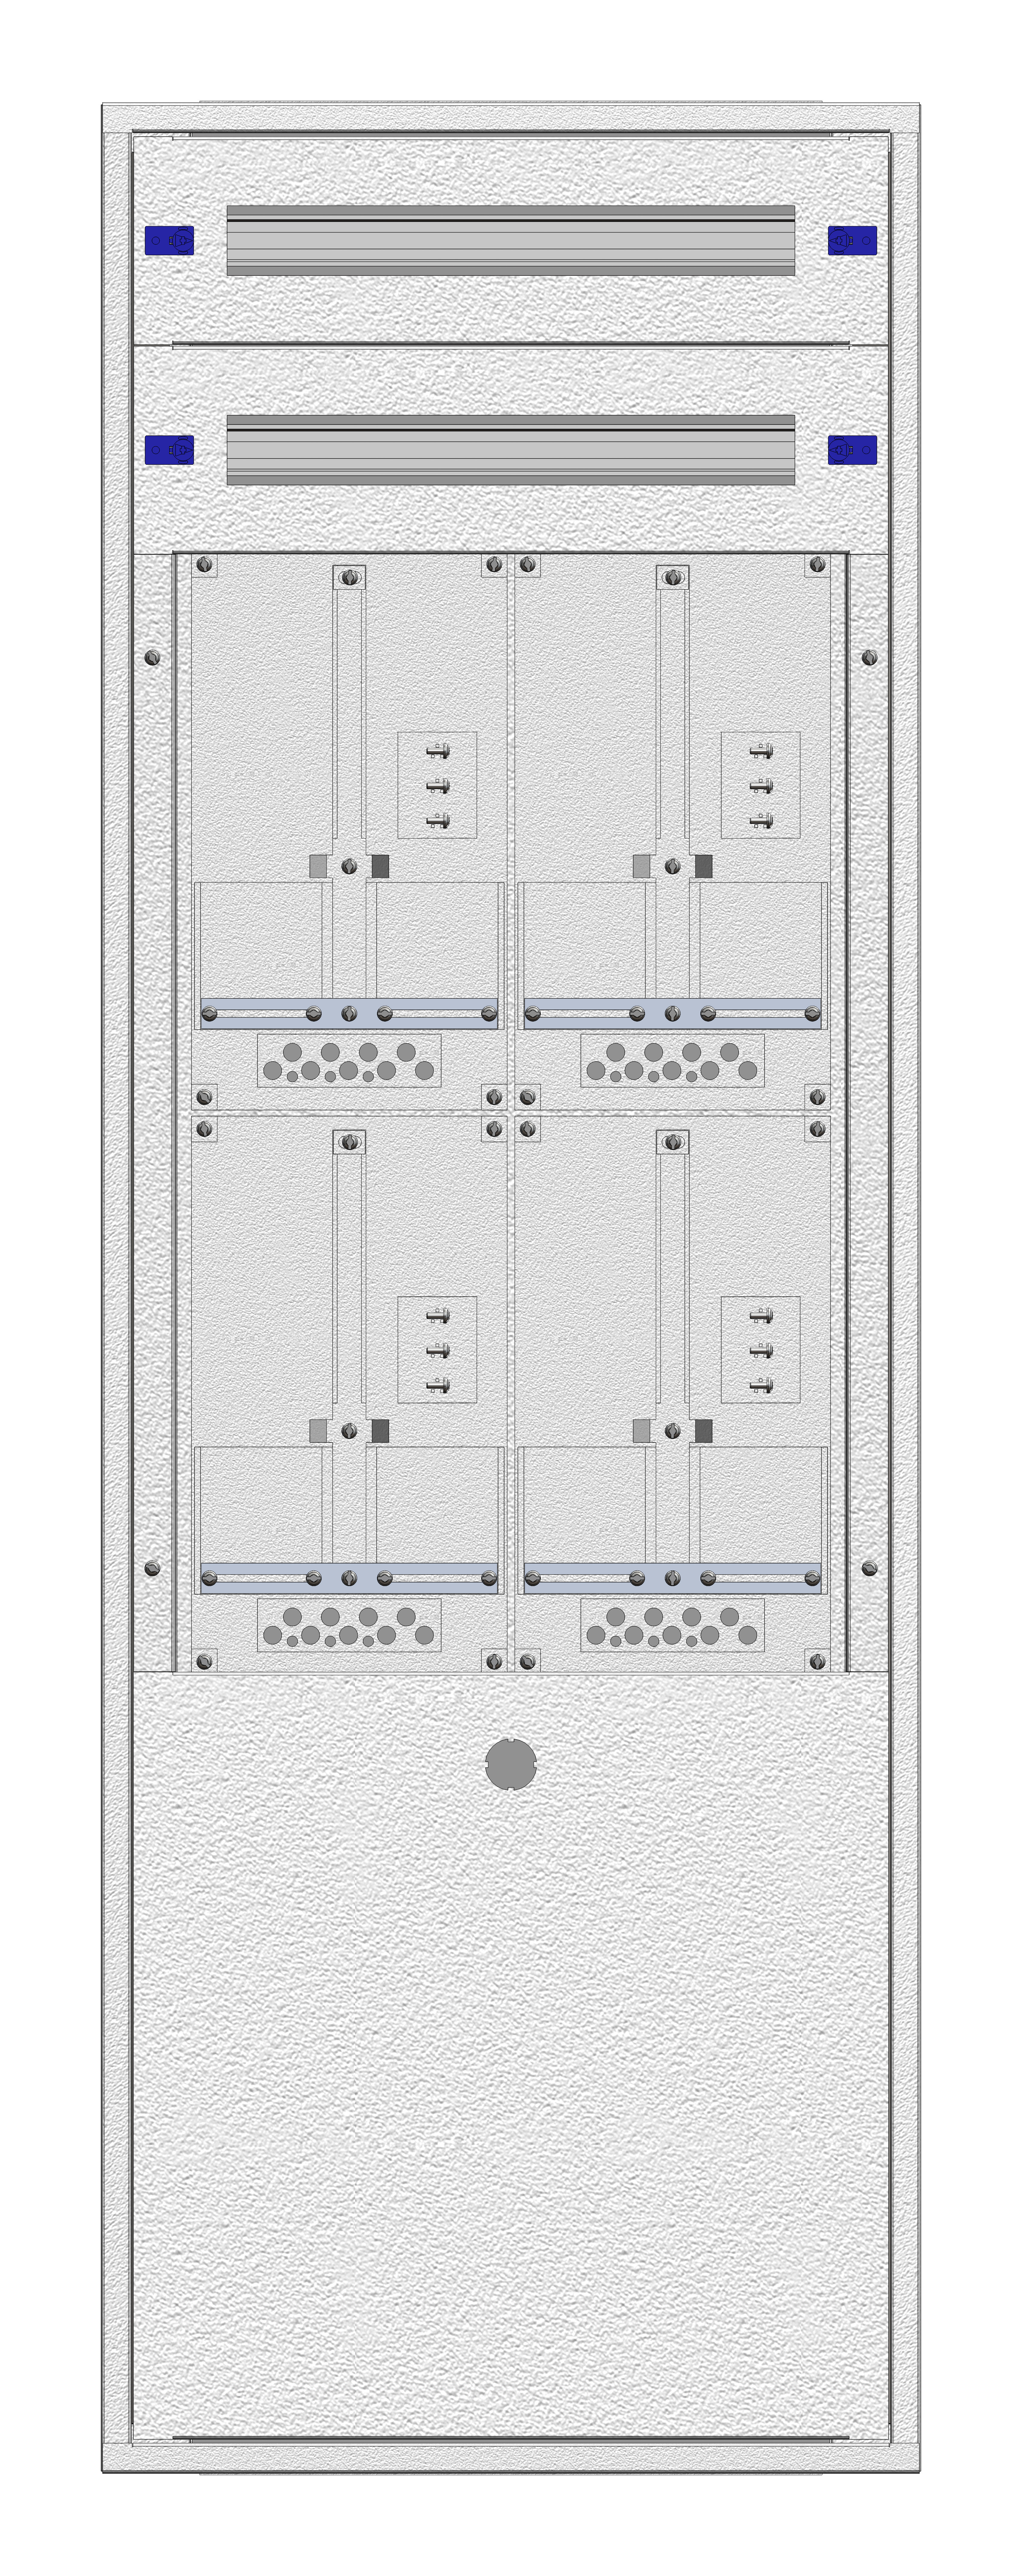 1 Stk Aufputz-Zählerverteiler 2A-33G/BGLD 4ZP, H1605B590T250mm IL162233BS